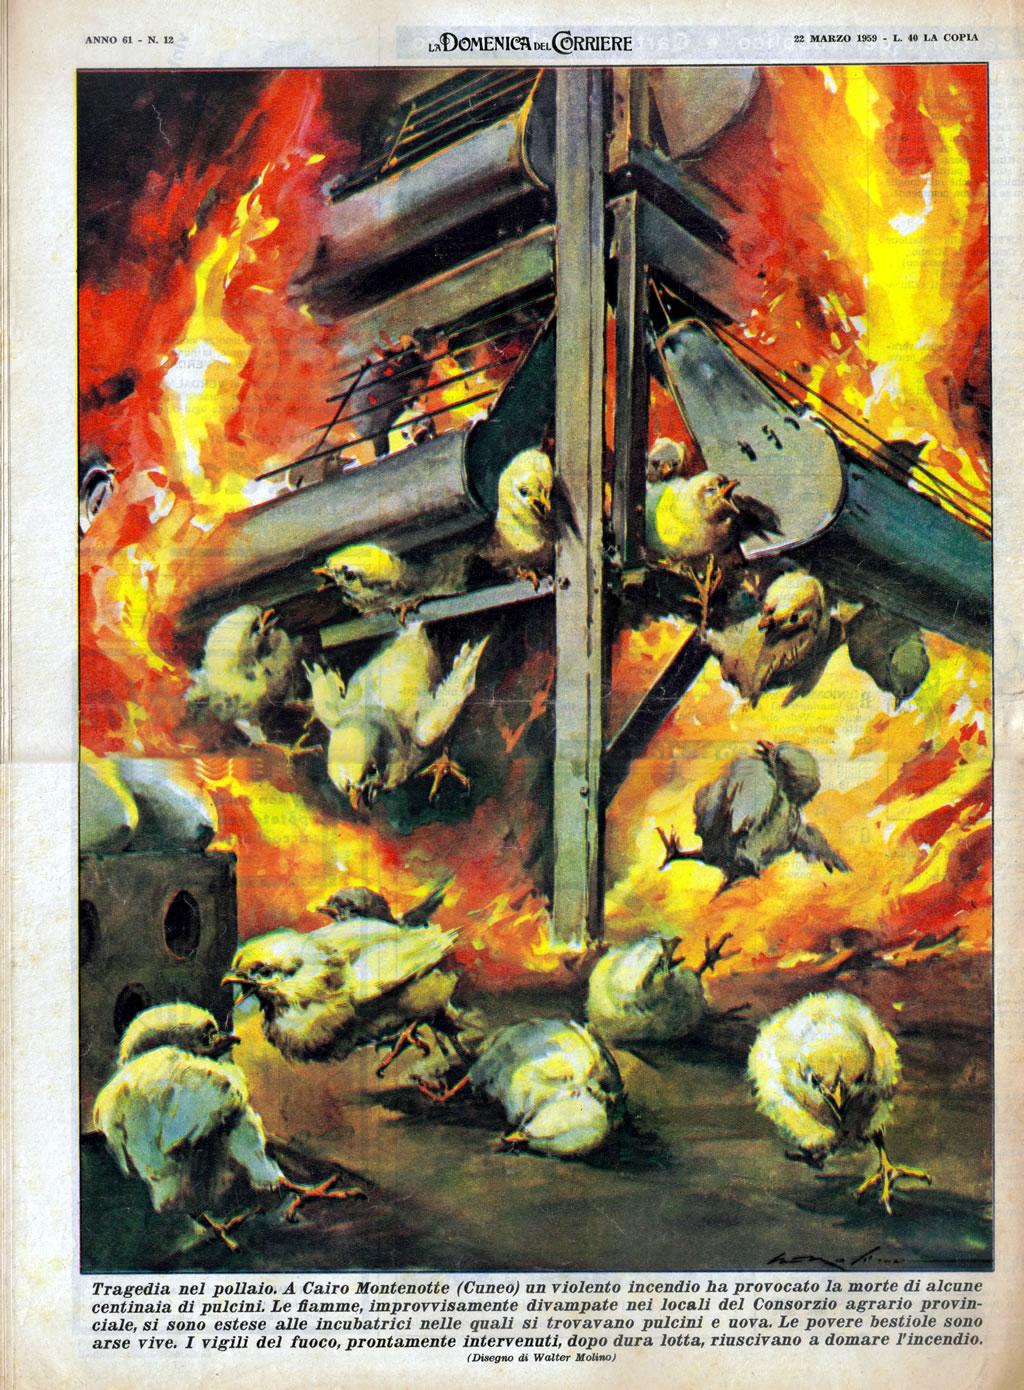 La Domenica del Corriere. Un incendio in un pollaio causa la morte di centinaia di pulcini